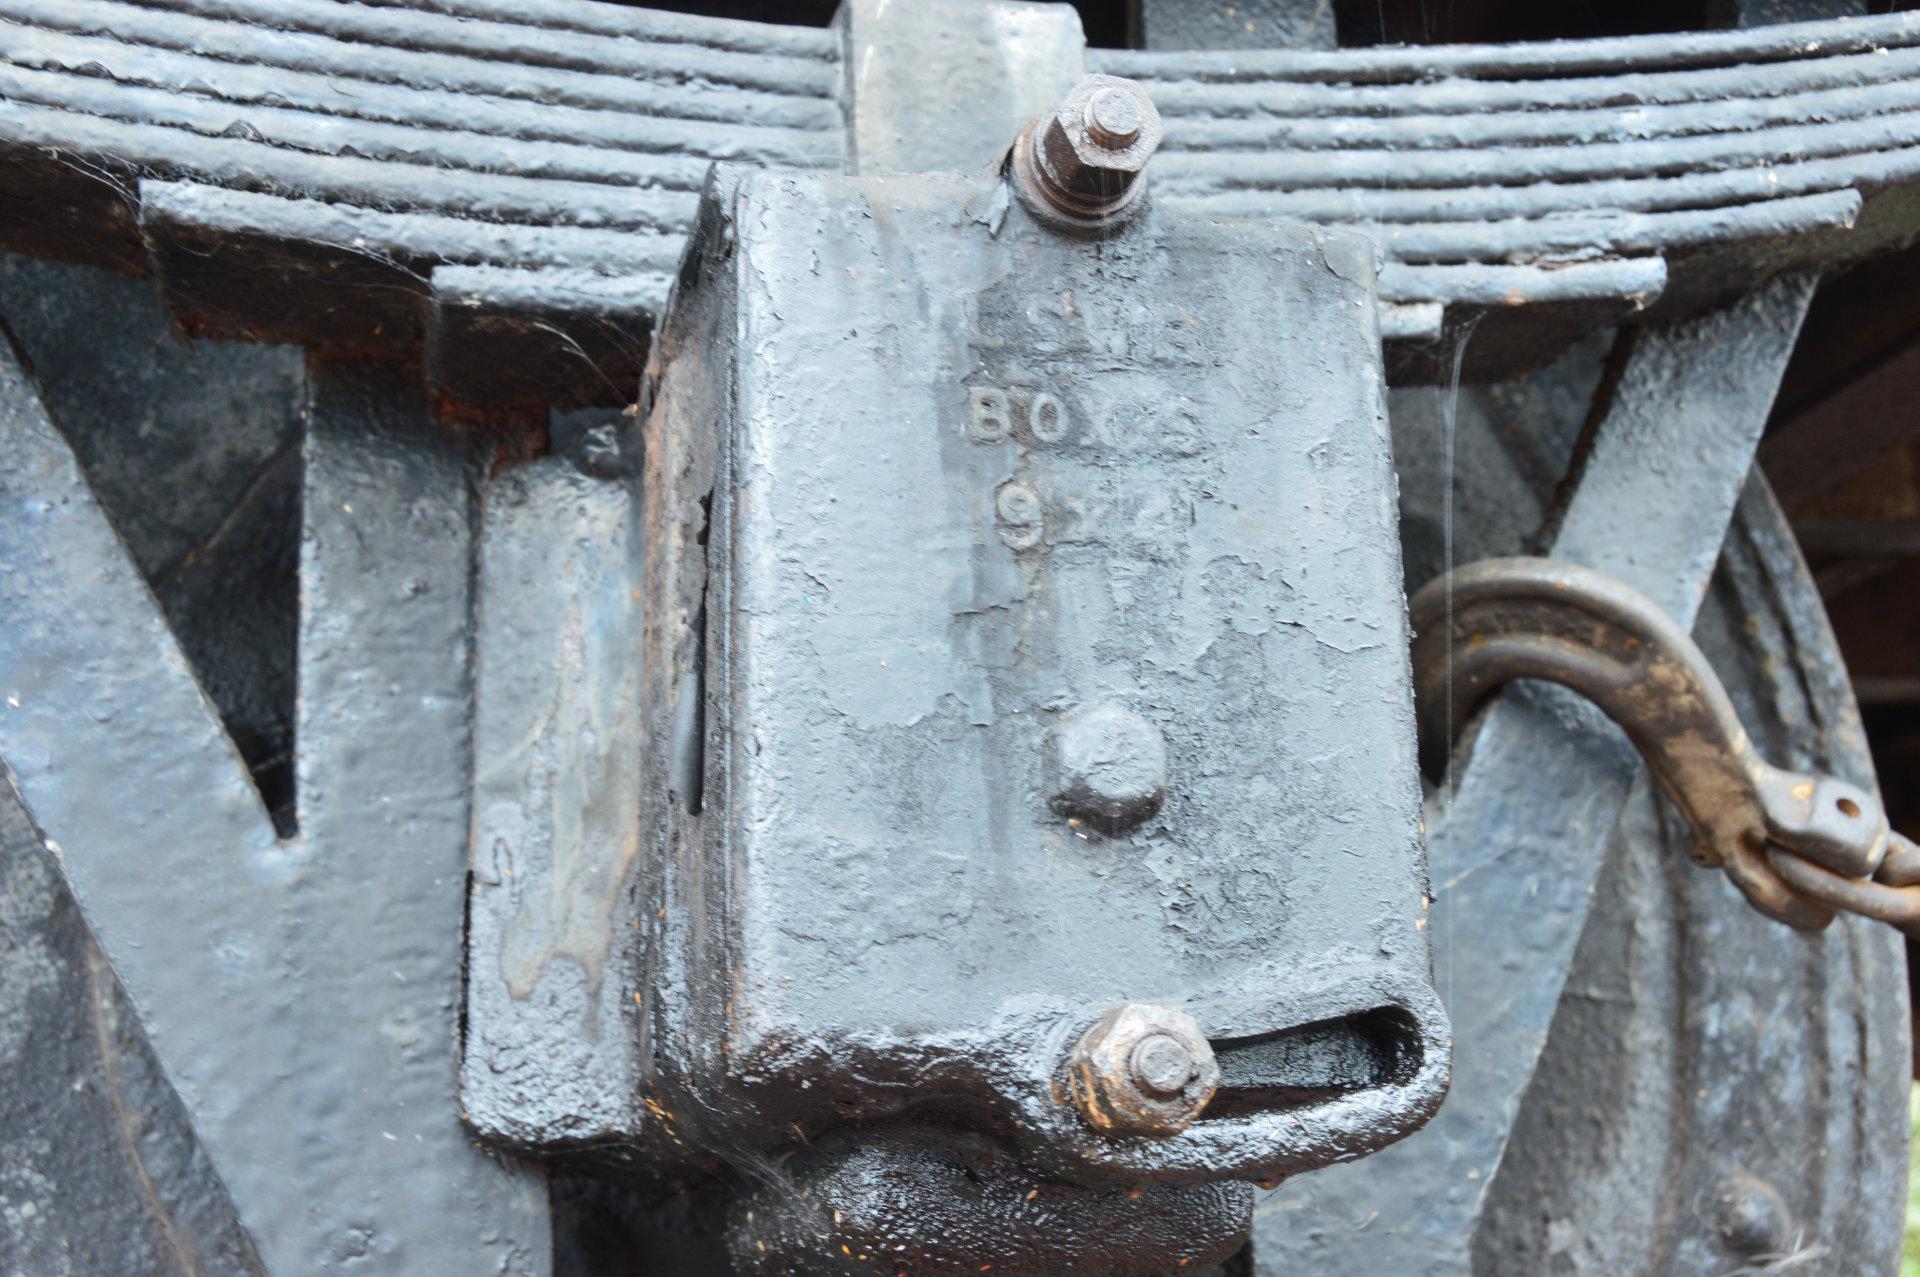 Axlebox detail on L&SWR van (SR 42XXX)